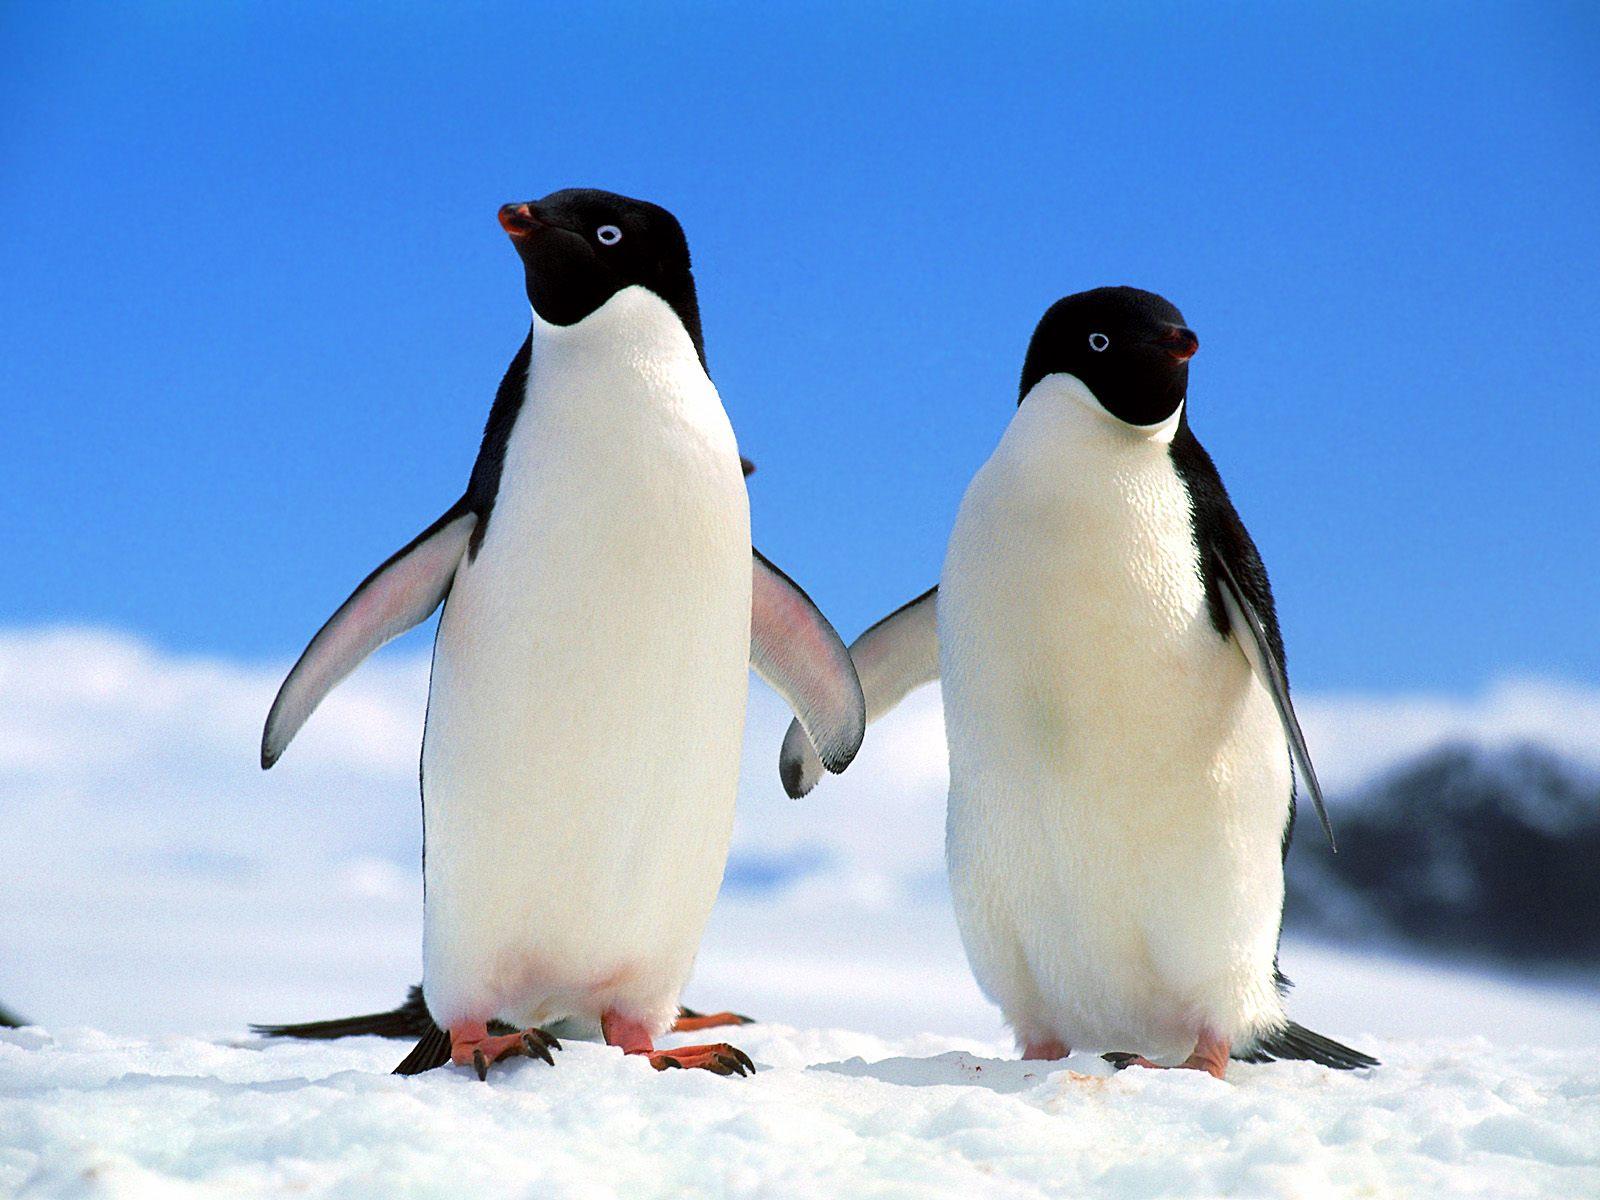 Alat Bantu Berenang Membesarkan Penis Obat Kuat Alat Bantu Sex Kondom Dll Jawaban Kenapa Pinguin Tidak Bisa Terbang Pikse